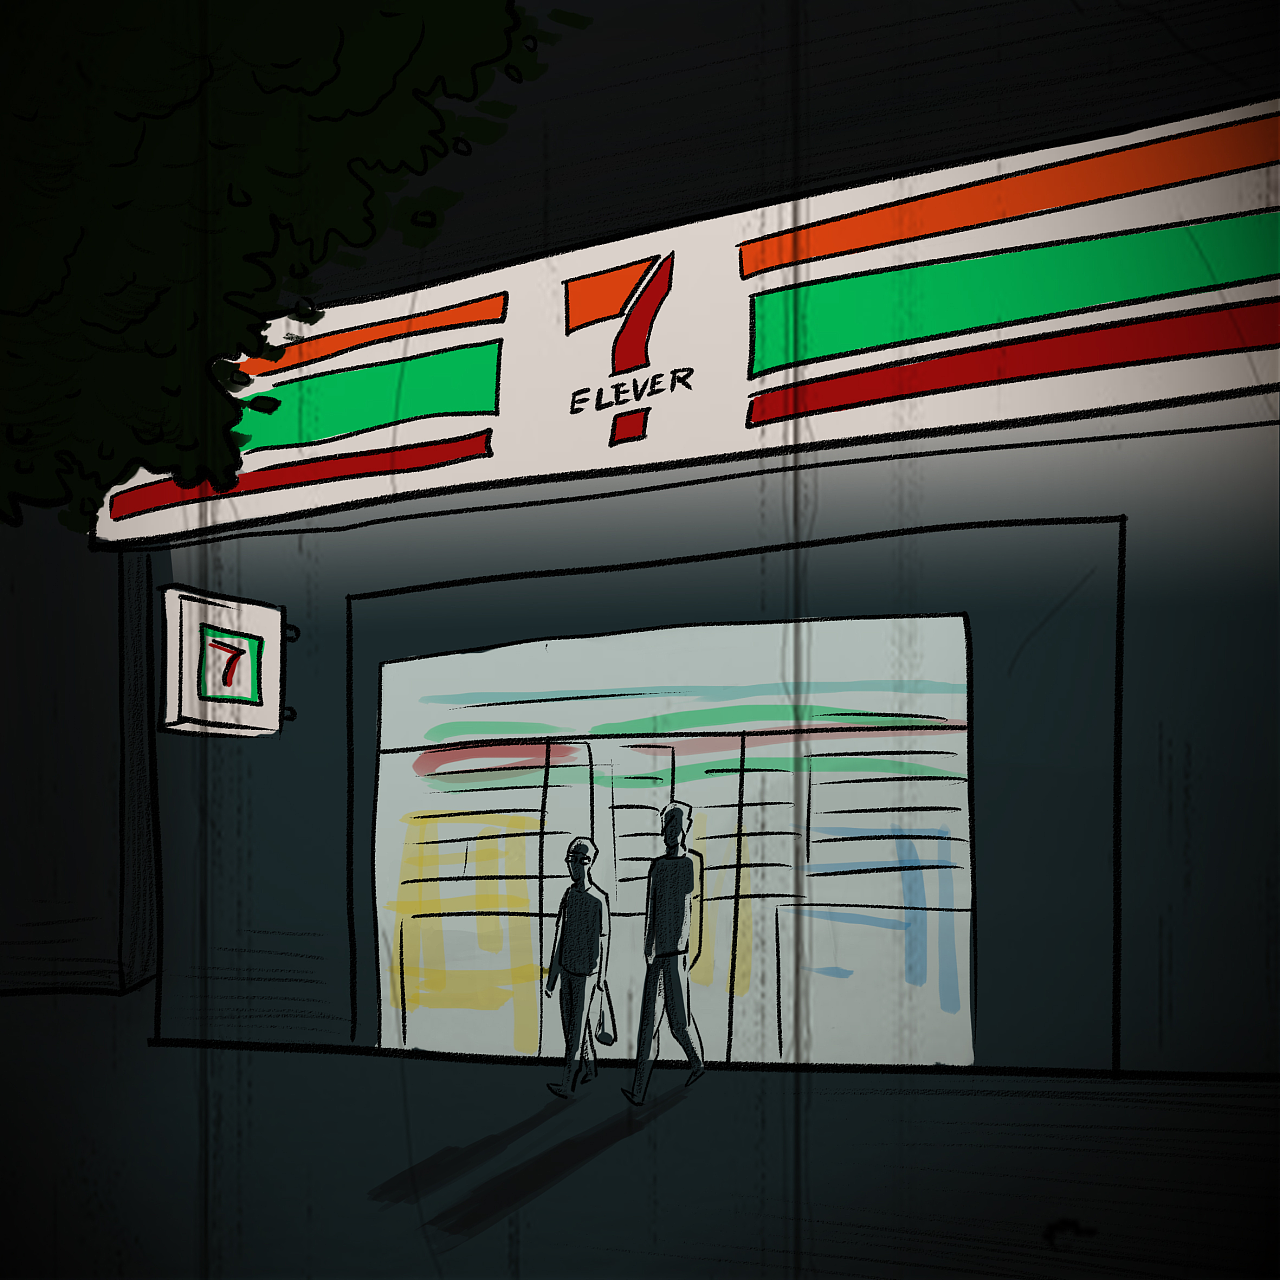 恐怖漫画漫画|漫画|短篇/四格电梯|昊昊HOWHra动漫图片